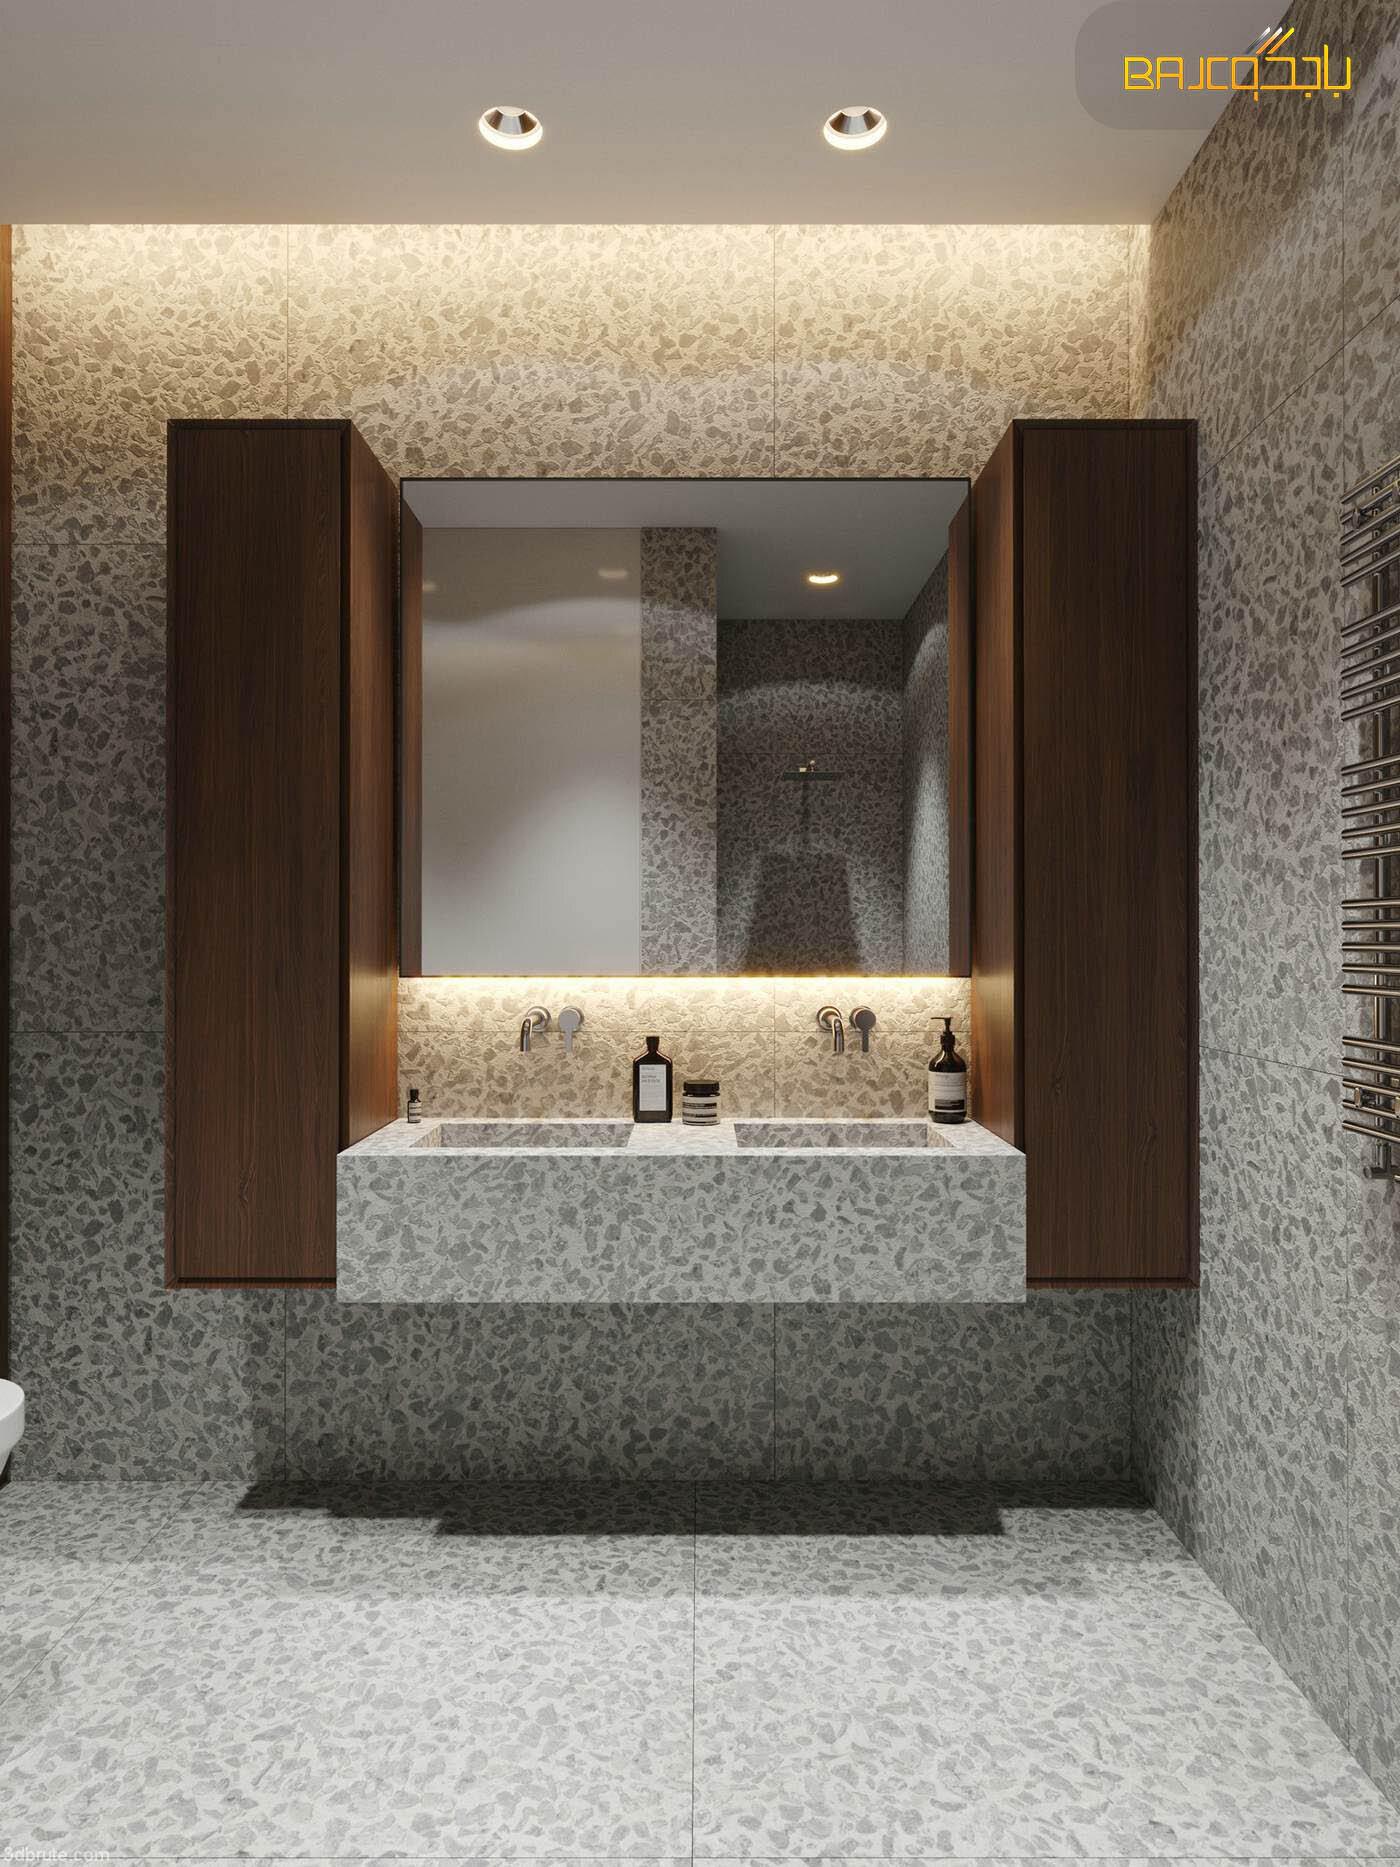 مغسلة تيرازو داخل الحمام